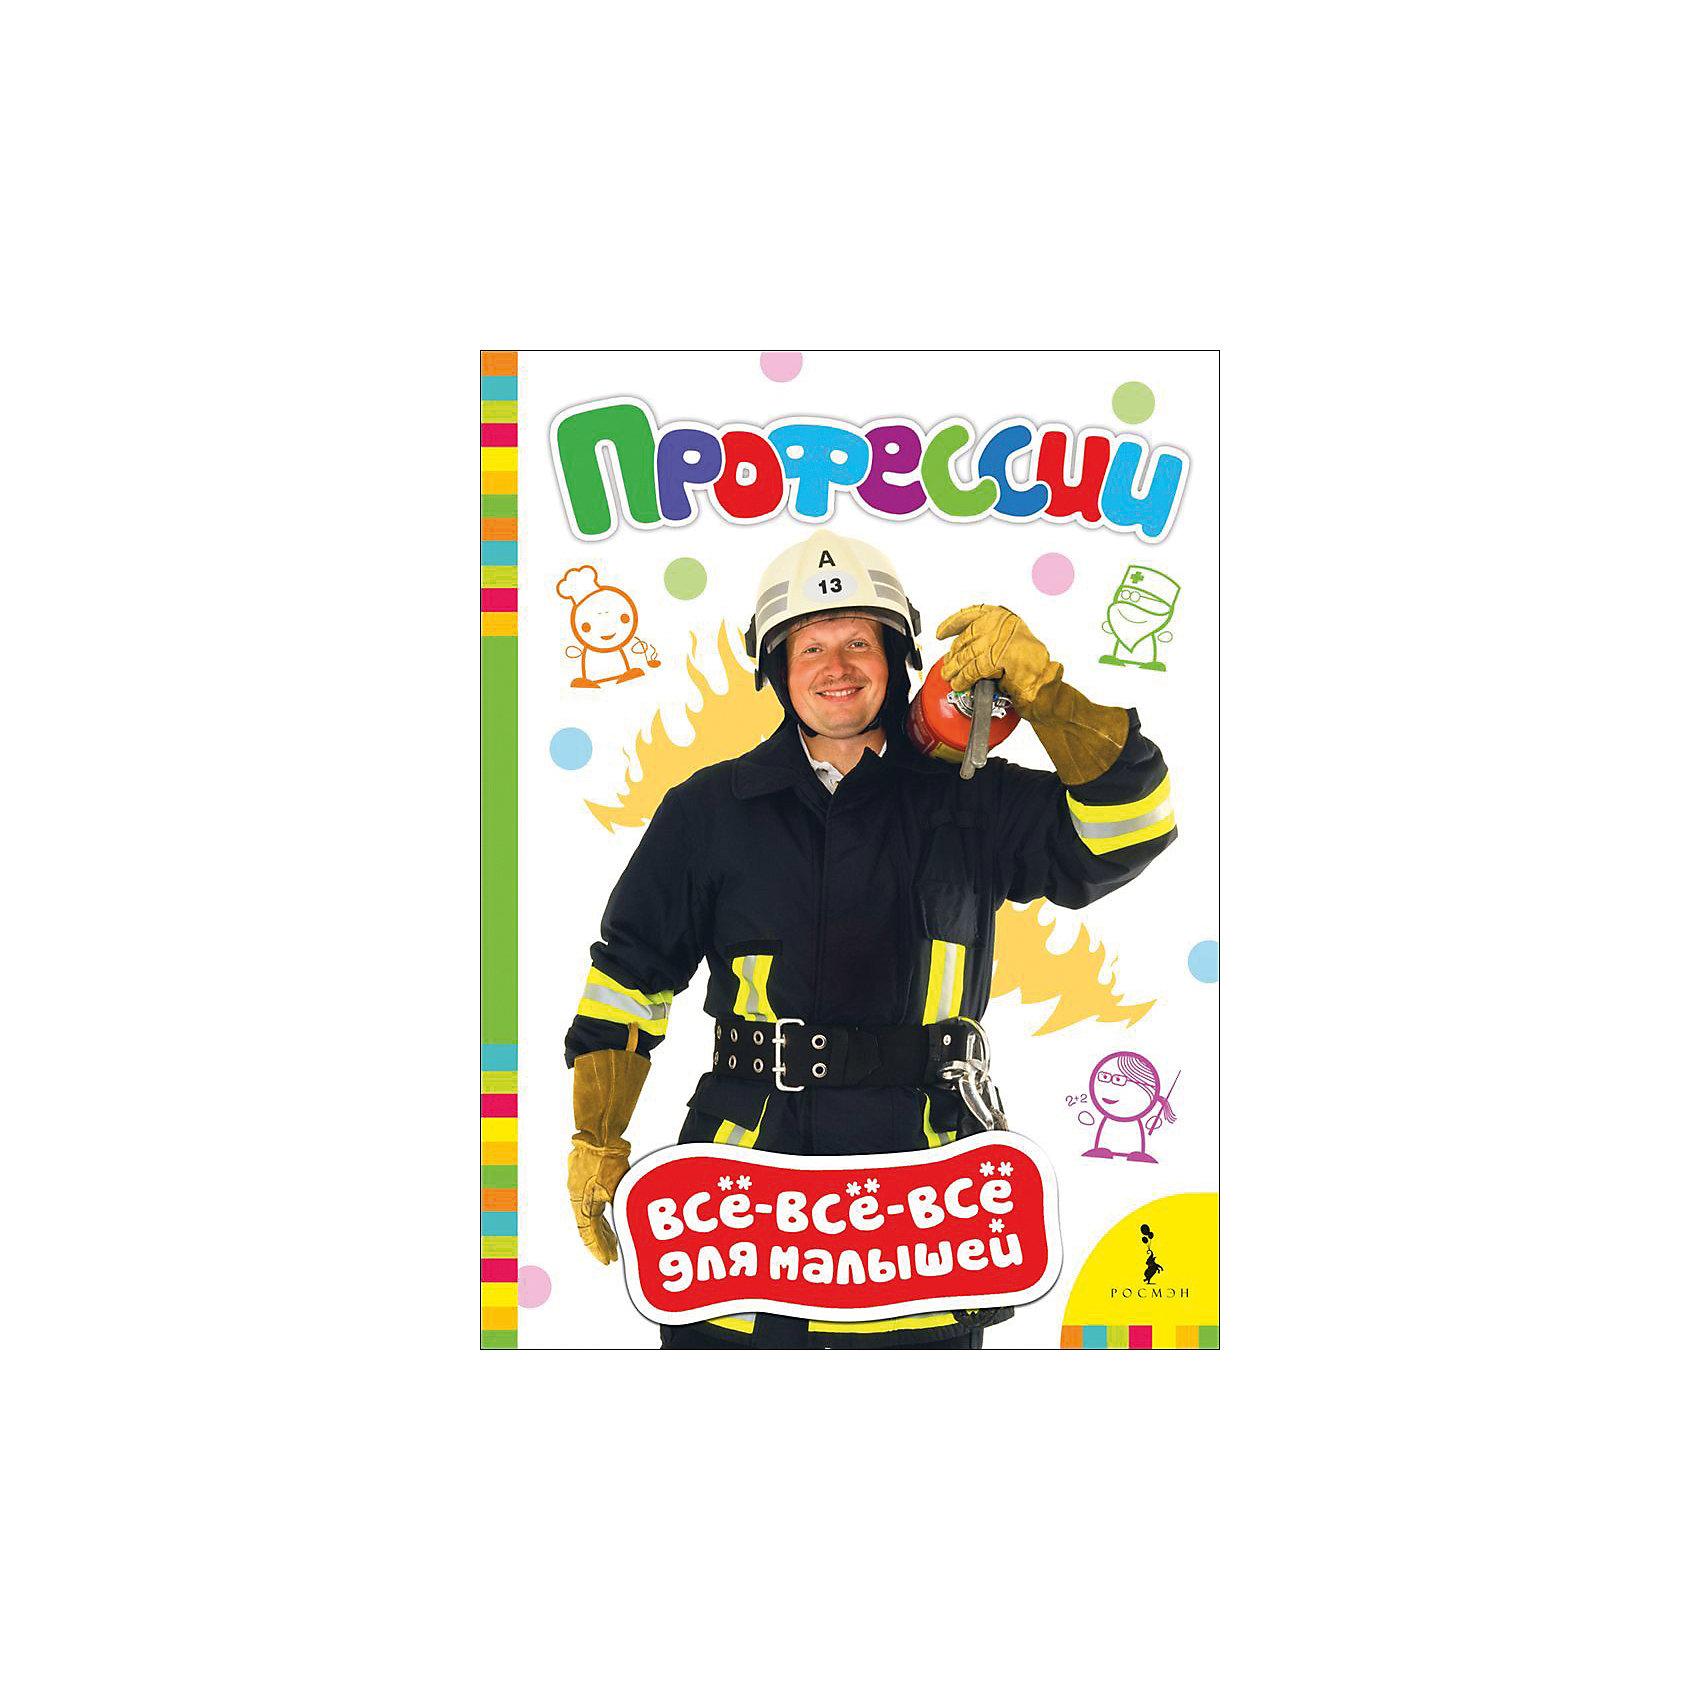 Профессии, Все-все-все для малышейЭнциклопедии для малышей<br>Характеристики товара:<br><br>- цвет: разноцветный;<br>- материал: бумага;<br>- страниц: 8;<br>- формат: 22 х 16 см;<br>- обложка: картон;<br>- цветные иллюстрации. <br><br>Эта полезная книга станет отличным подарком для родителей и ребенка. Она содержит в себе фотографии, а также интересные вопросы и задания, связанные с различными профессиями. Отличный способ привить малышу любовь к занятиям и начать обучение!<br>Чтение и рассматривание картинок даже в юном возрасте помогает ребенку развивать память, концентрацию внимания и воображение. Издание произведено из качественных материалов, которые безопасны даже для самых маленьких.<br><br>Издание Профессии, Все-все-все для малышей от компании Росмэн можно купить в нашем интернет-магазине.<br><br>Ширина мм: 220<br>Глубина мм: 160<br>Высота мм: 4<br>Вес г: 111<br>Возраст от месяцев: 0<br>Возраст до месяцев: 36<br>Пол: Унисекс<br>Возраст: Детский<br>SKU: 5110069